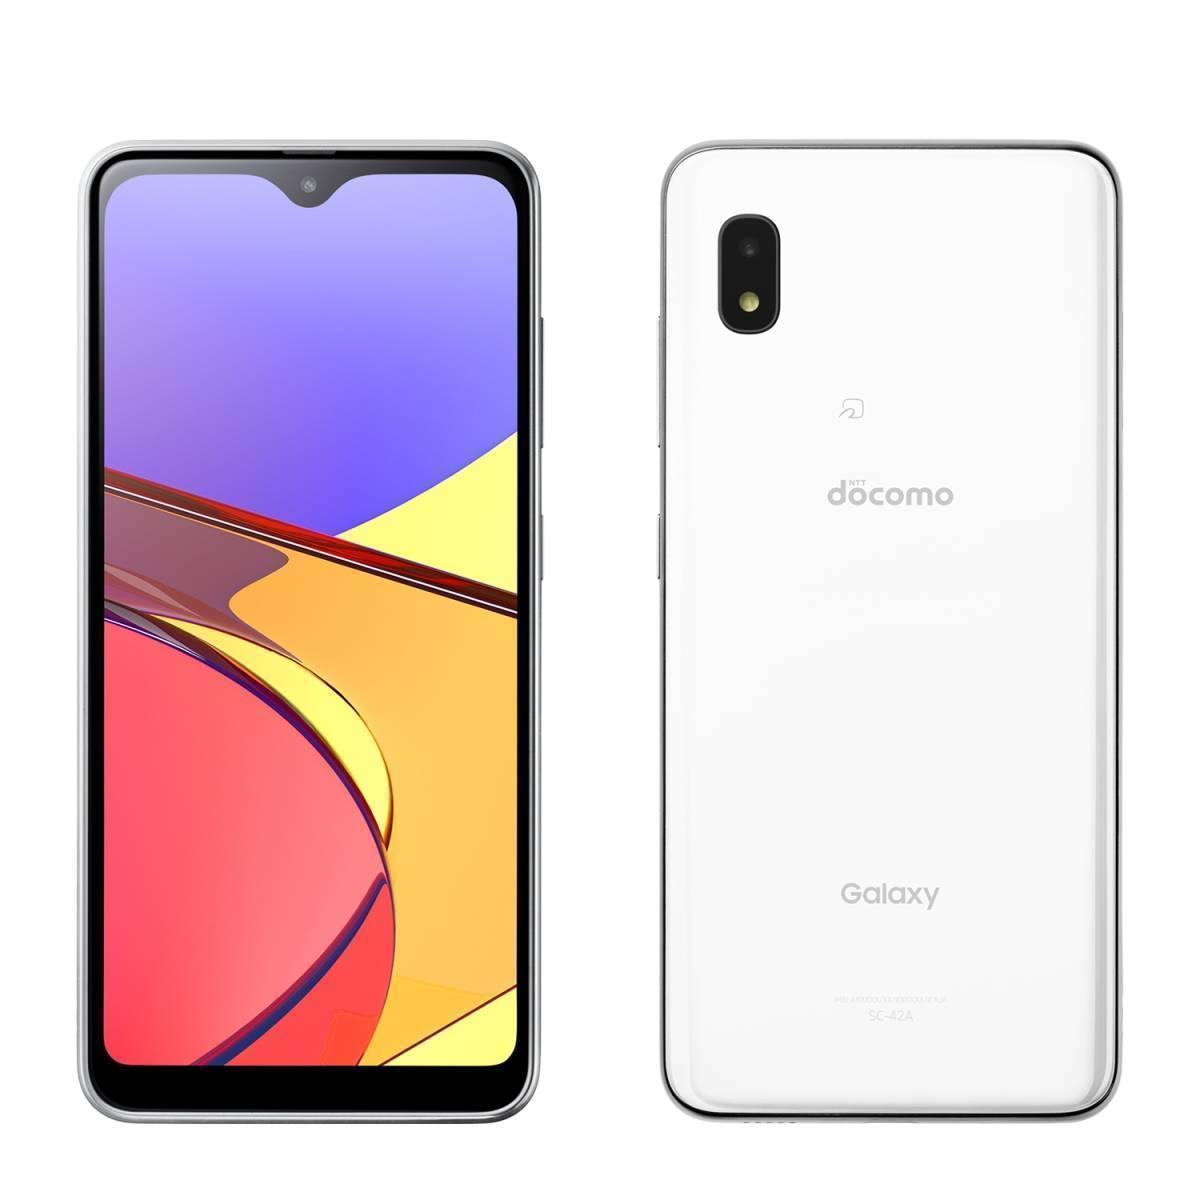 3.送料無料 新品同様 SIMロック解除済(SIMフリー) docomo Galaxy A21 SC-42A ホワイト 本体_画像1